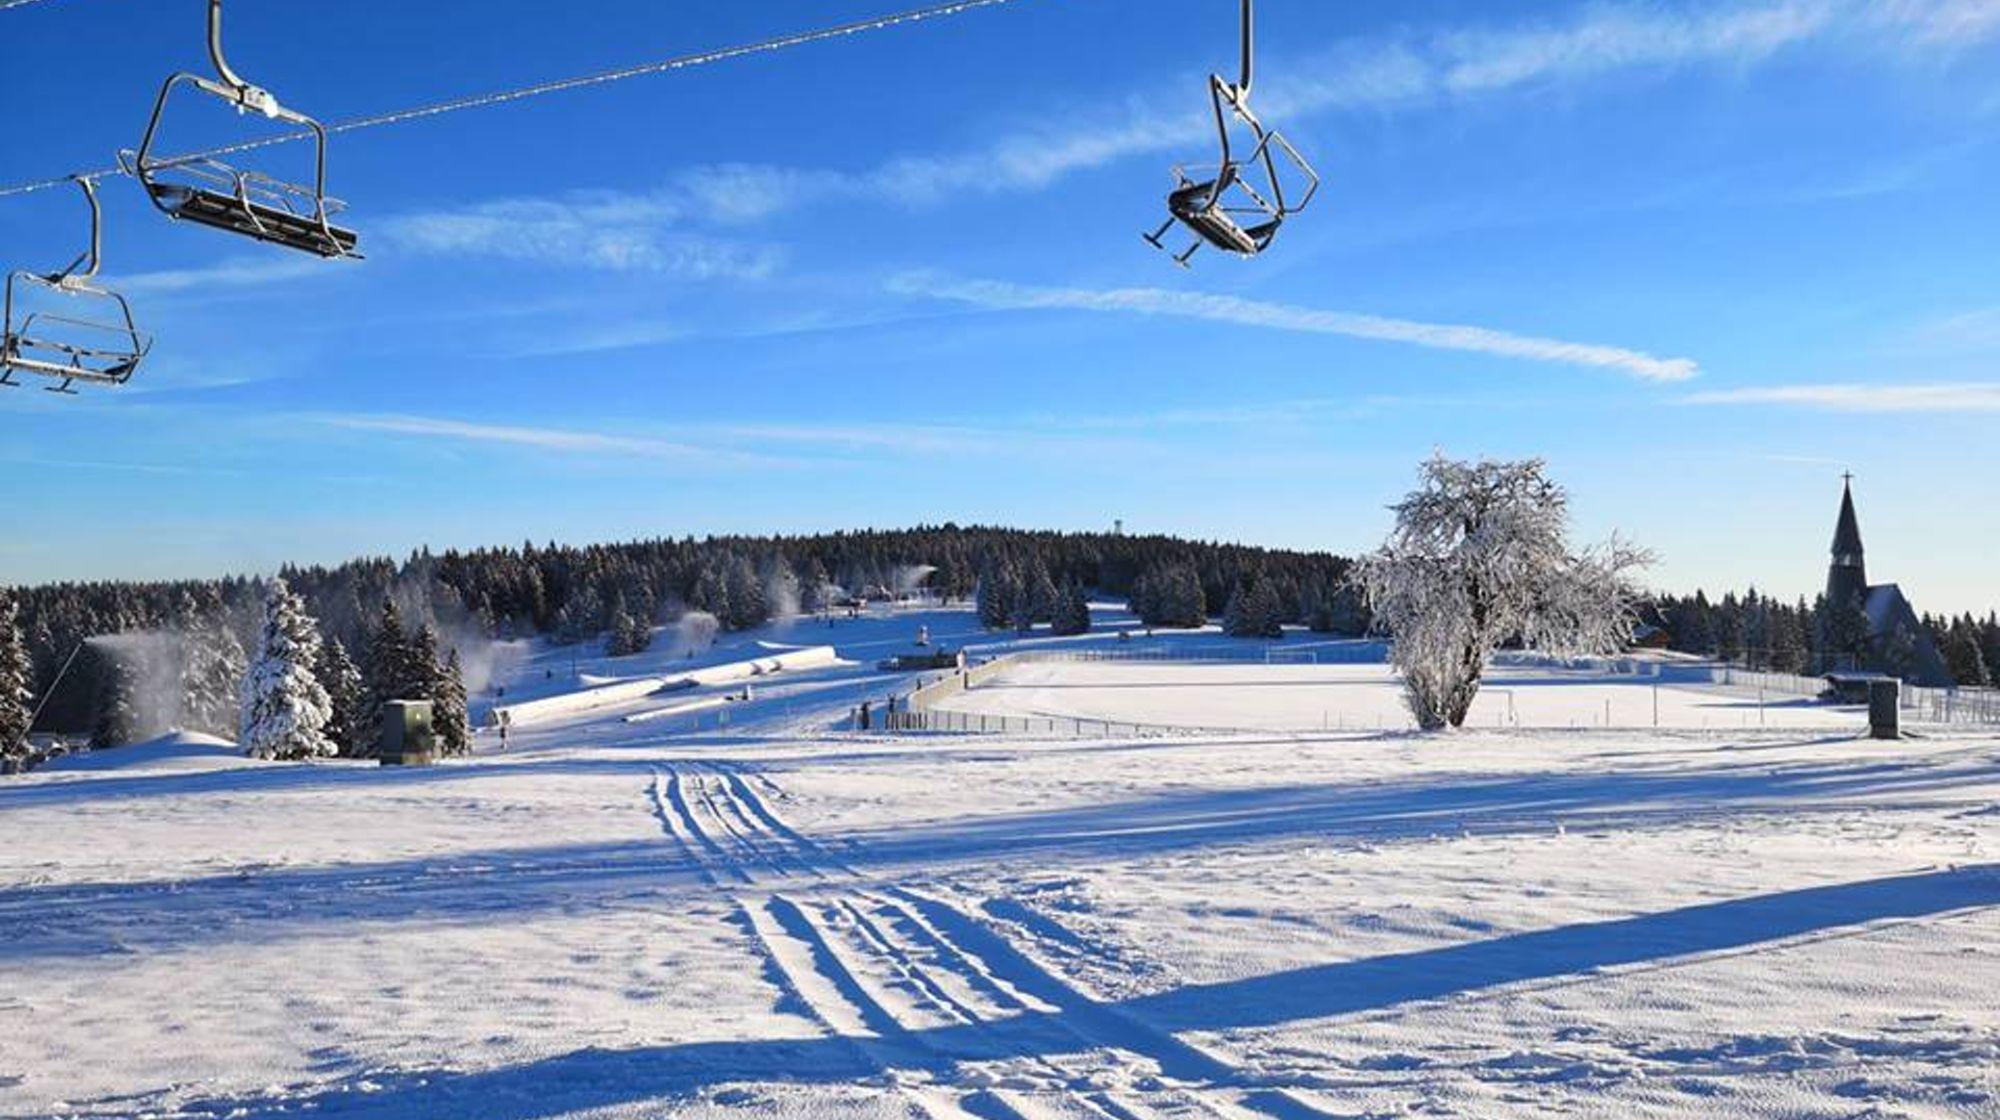 Am Samstag, dem 1. Dezember 2018, beginnt die Skisaison auf Rogla.